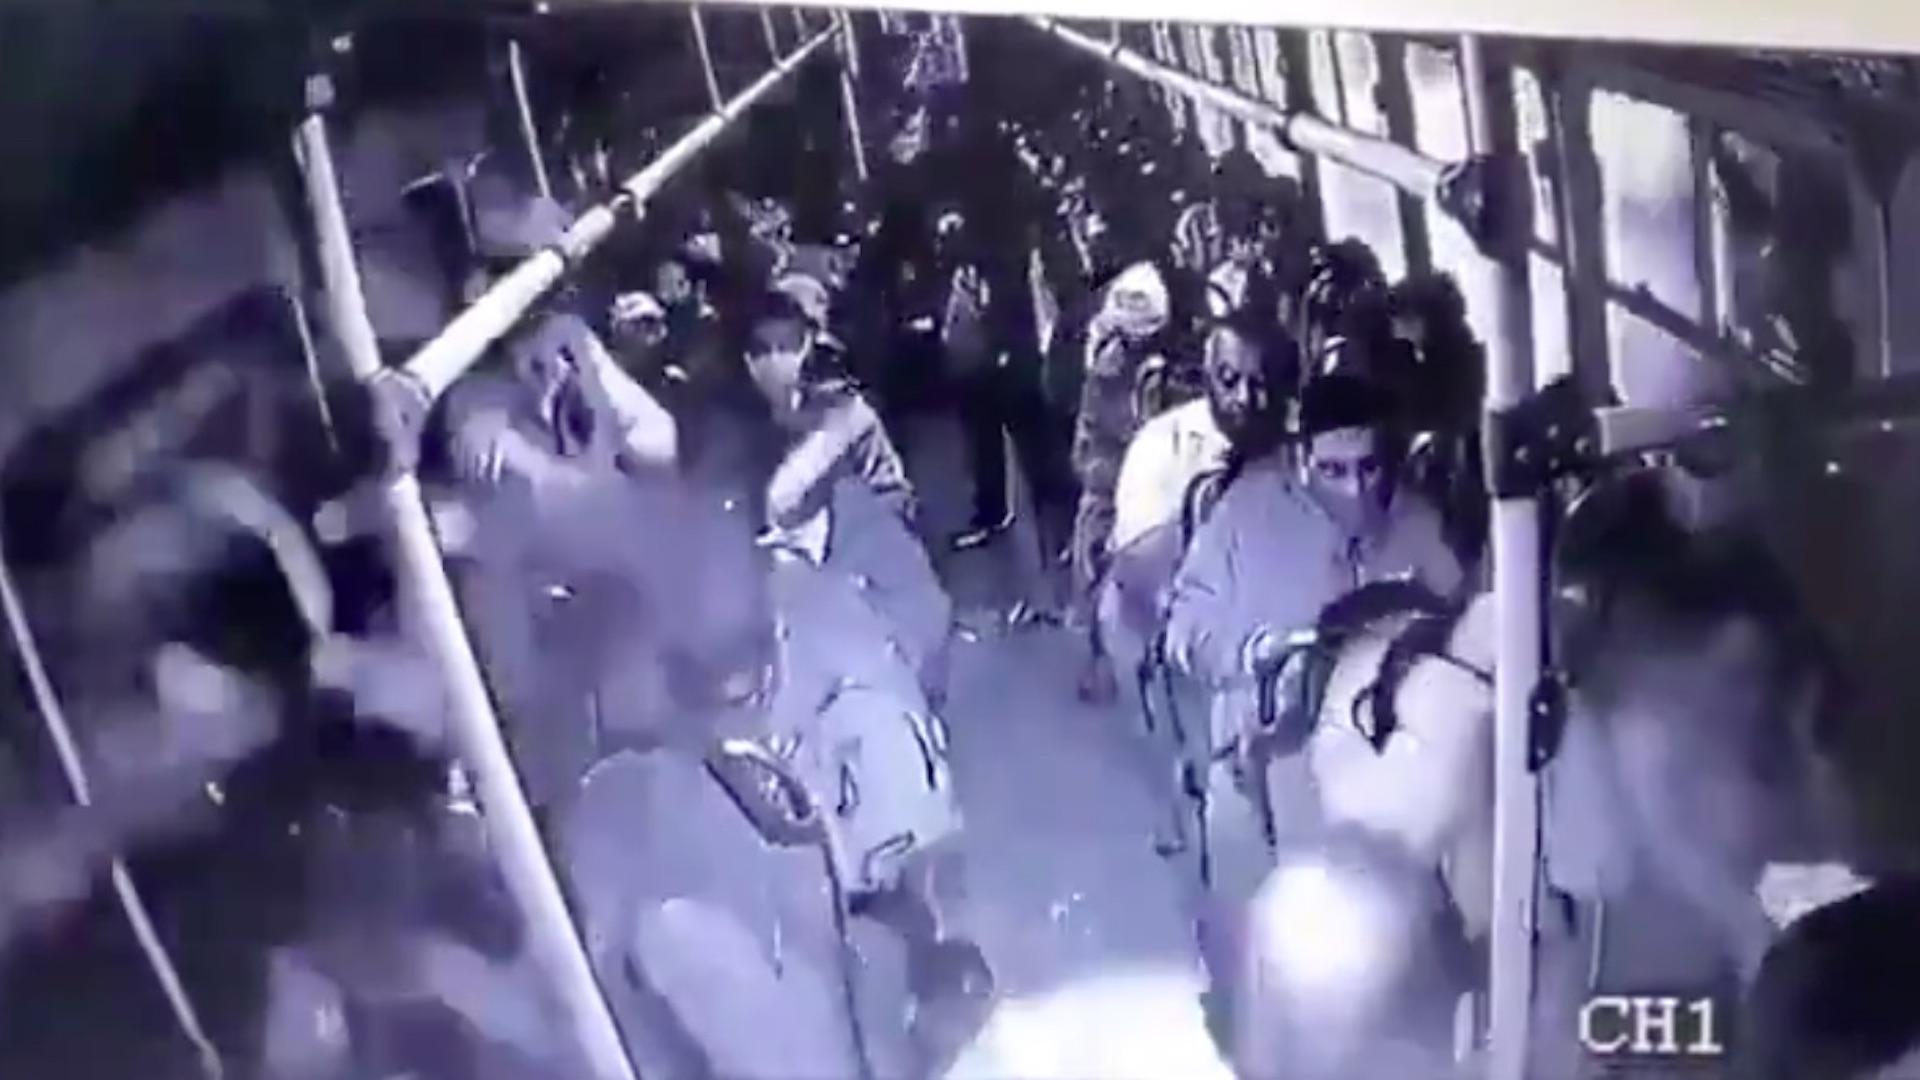 (Vídeo) Policía dispara a dos asaltantes en transporte público